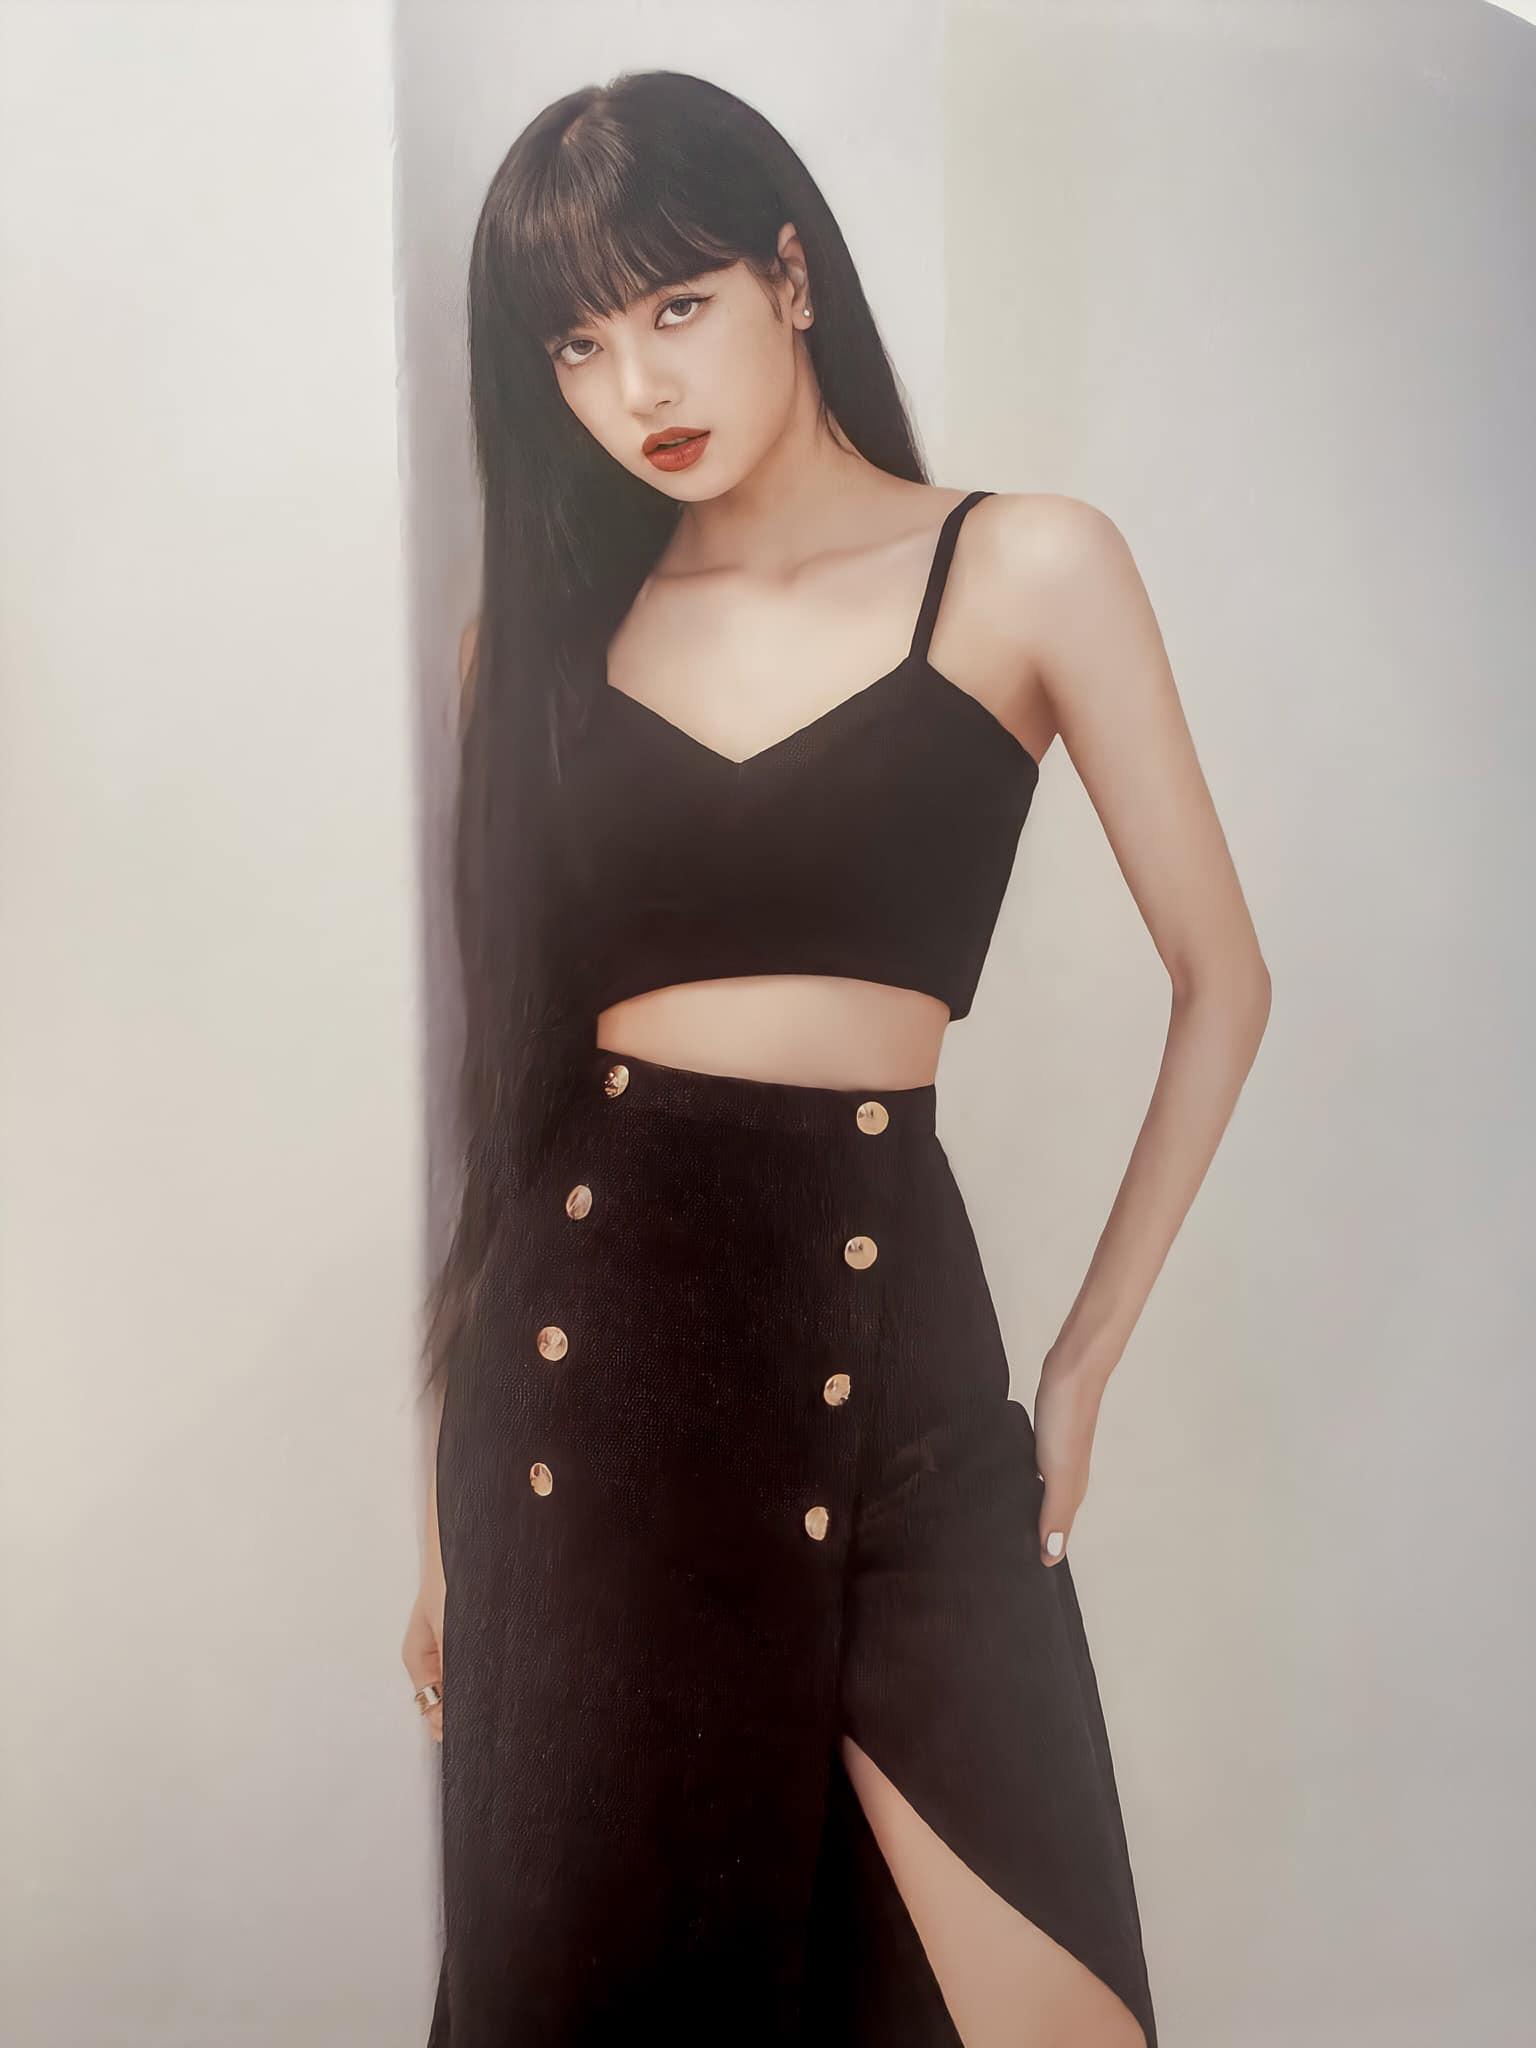 Đẳng cấp đại sứ toàn cầu của Lisa: Diện váy Celine kín bưng mà vẫn tạo dáng tài tình nên sexy hơn hẳn người mẫu hãng - Ảnh 1.